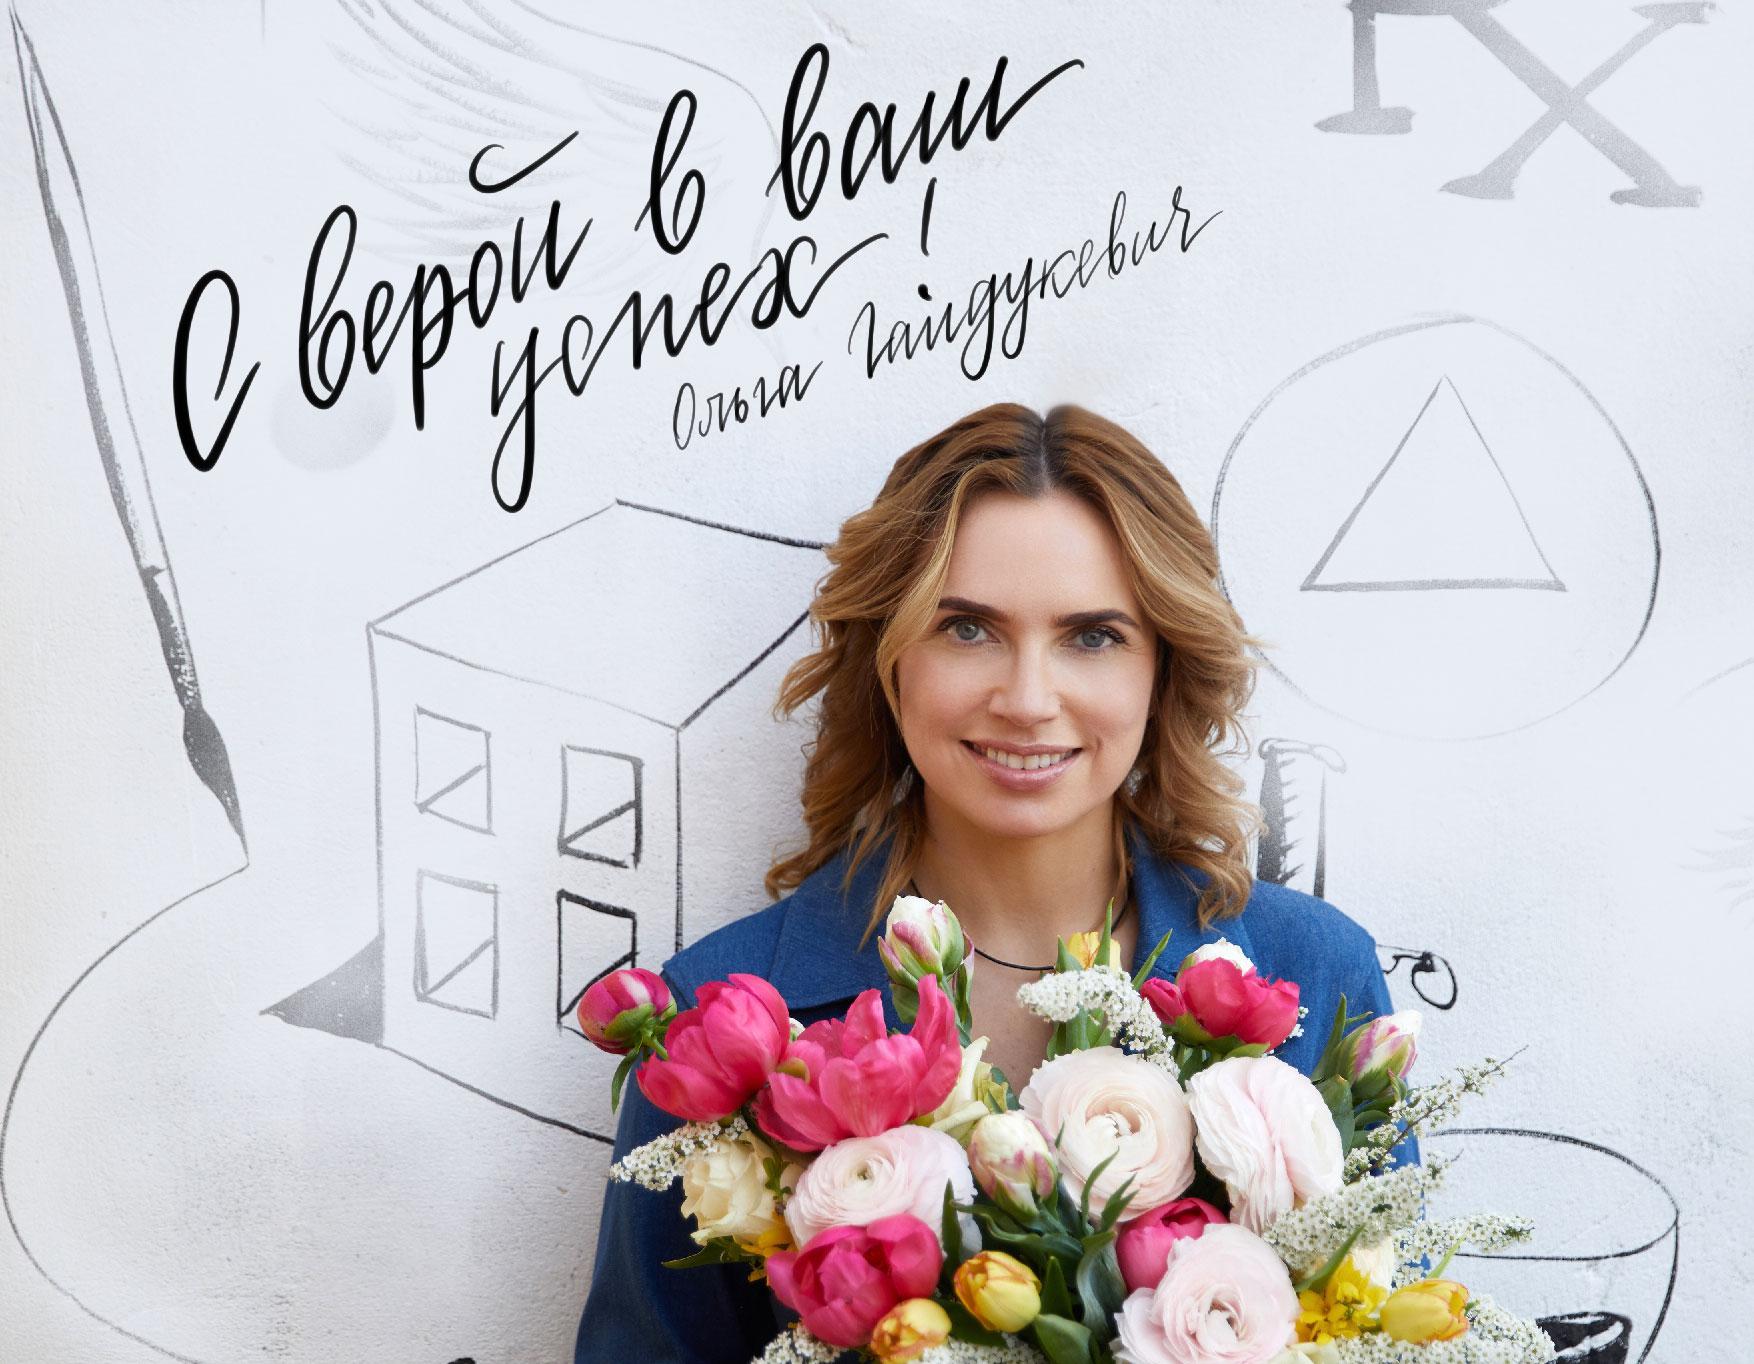 Olga Gajdukevich